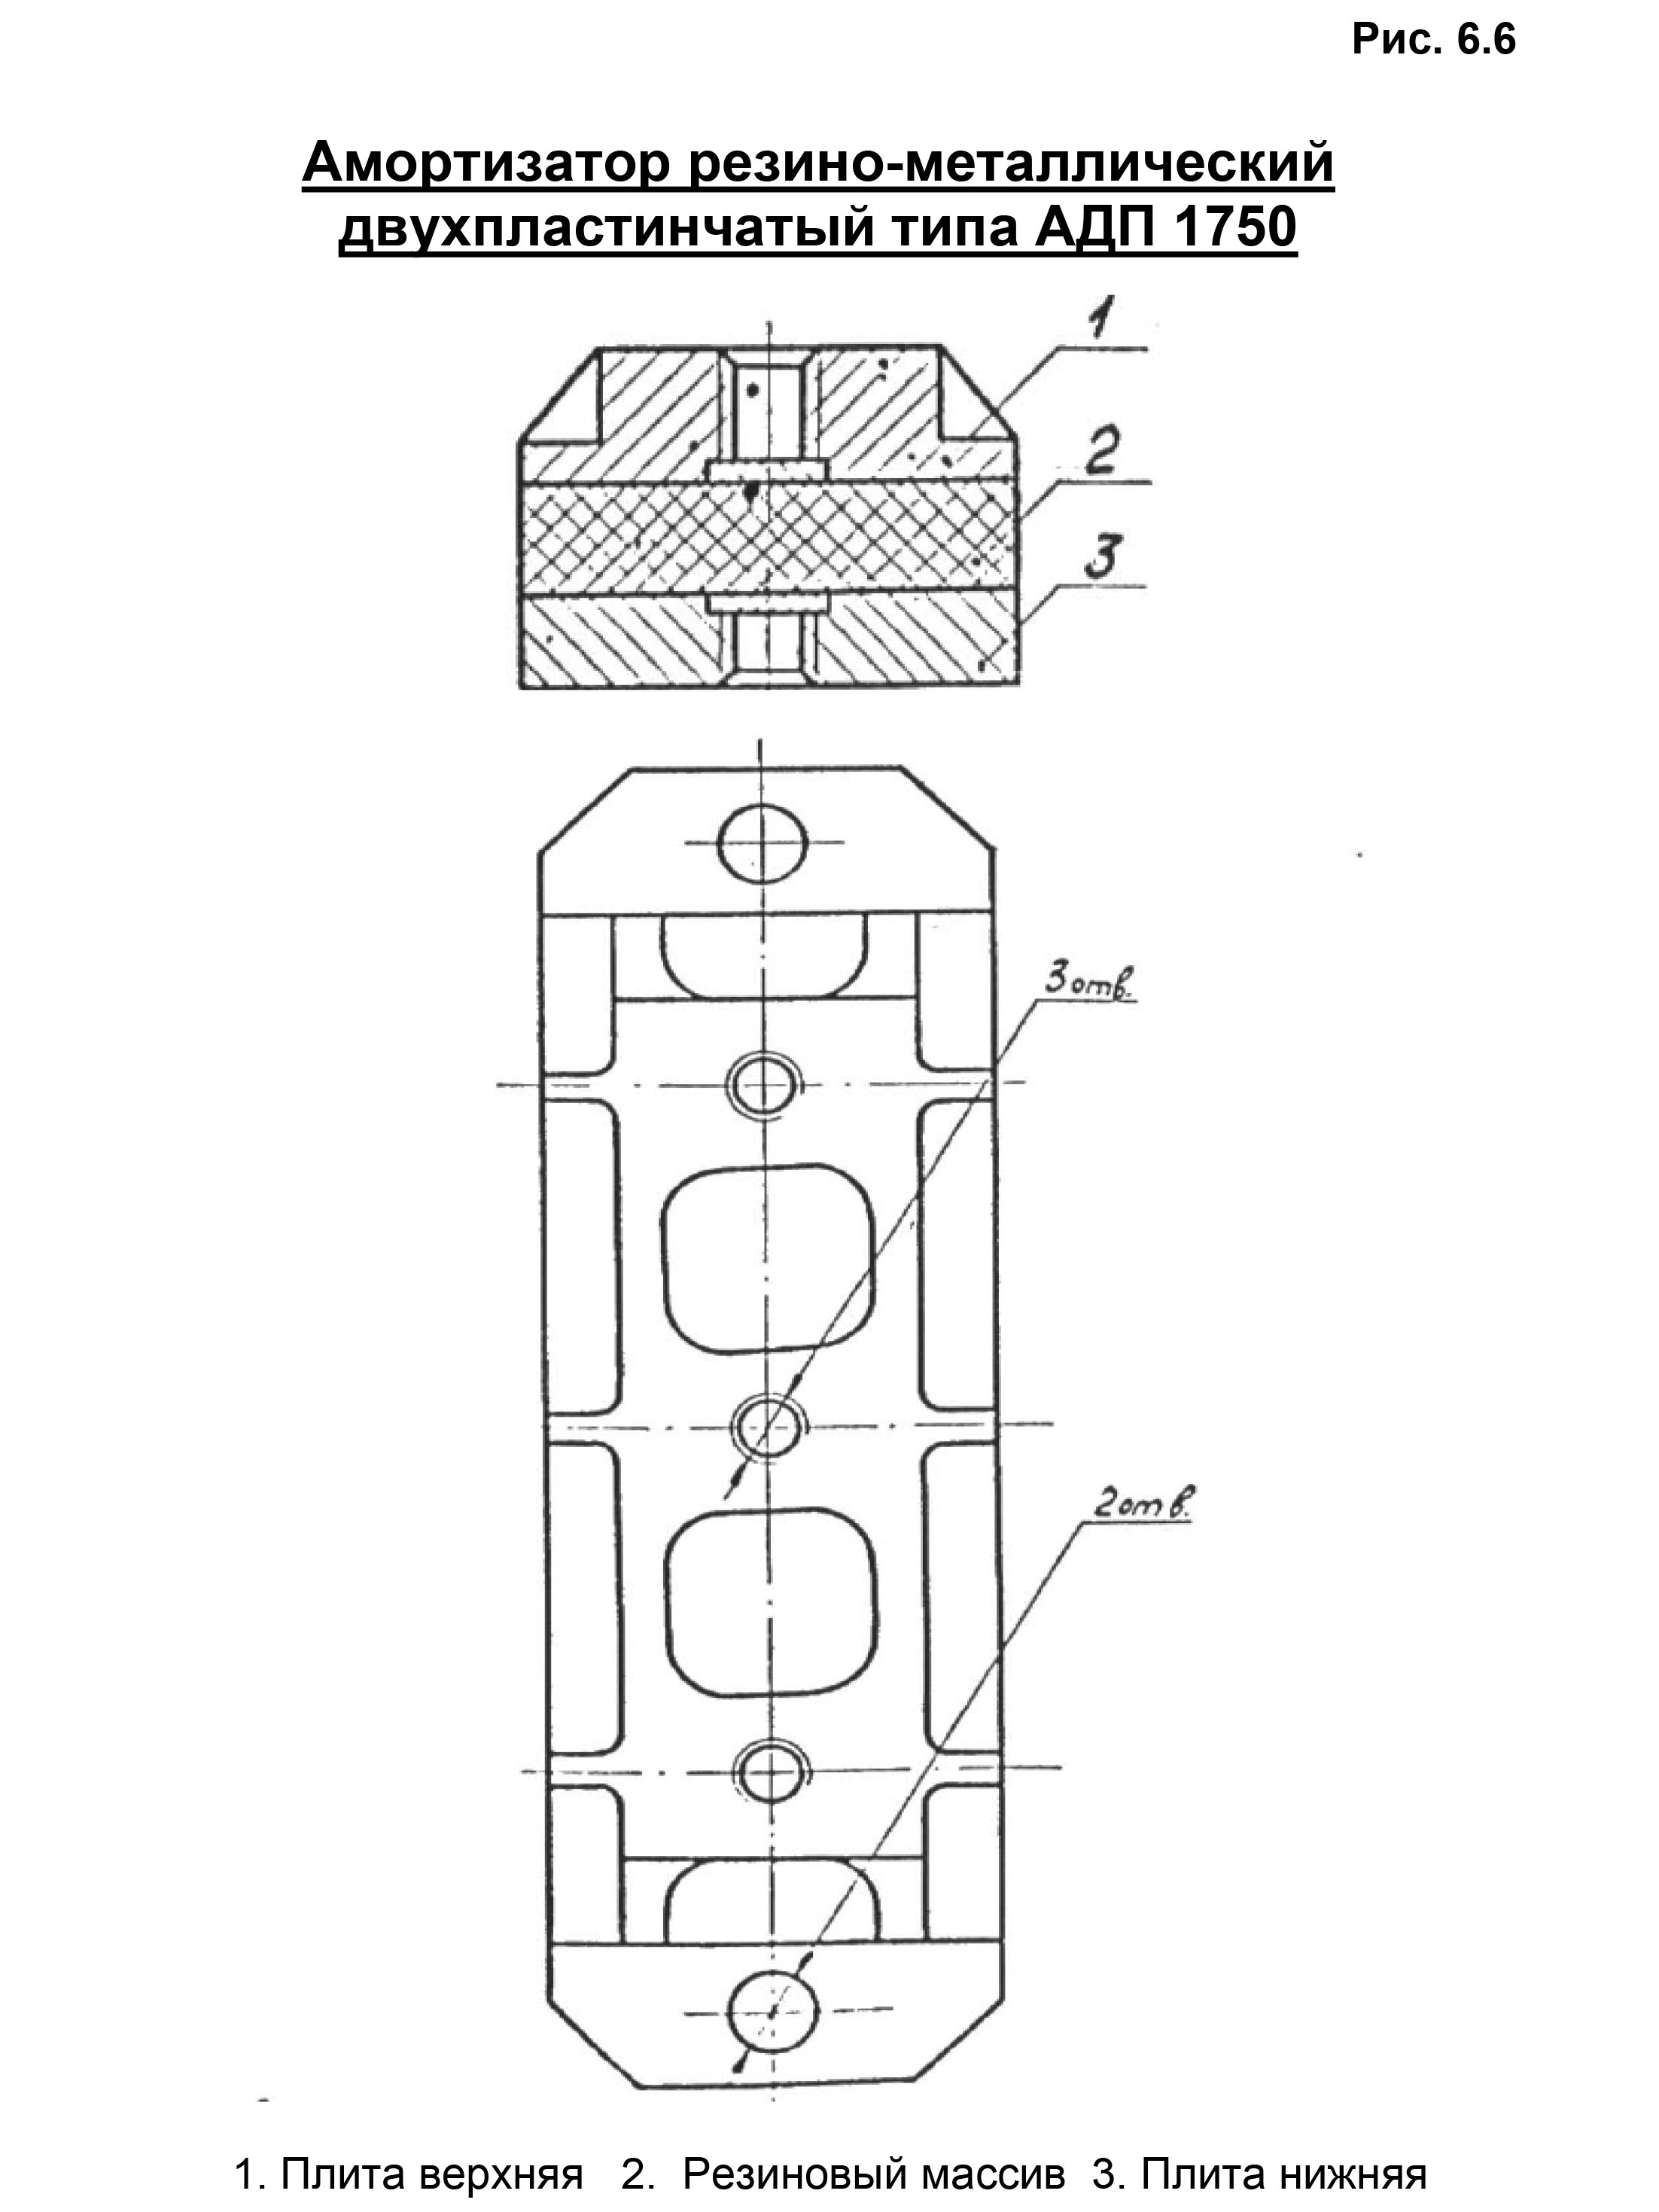 Амортизатор АДП-1750